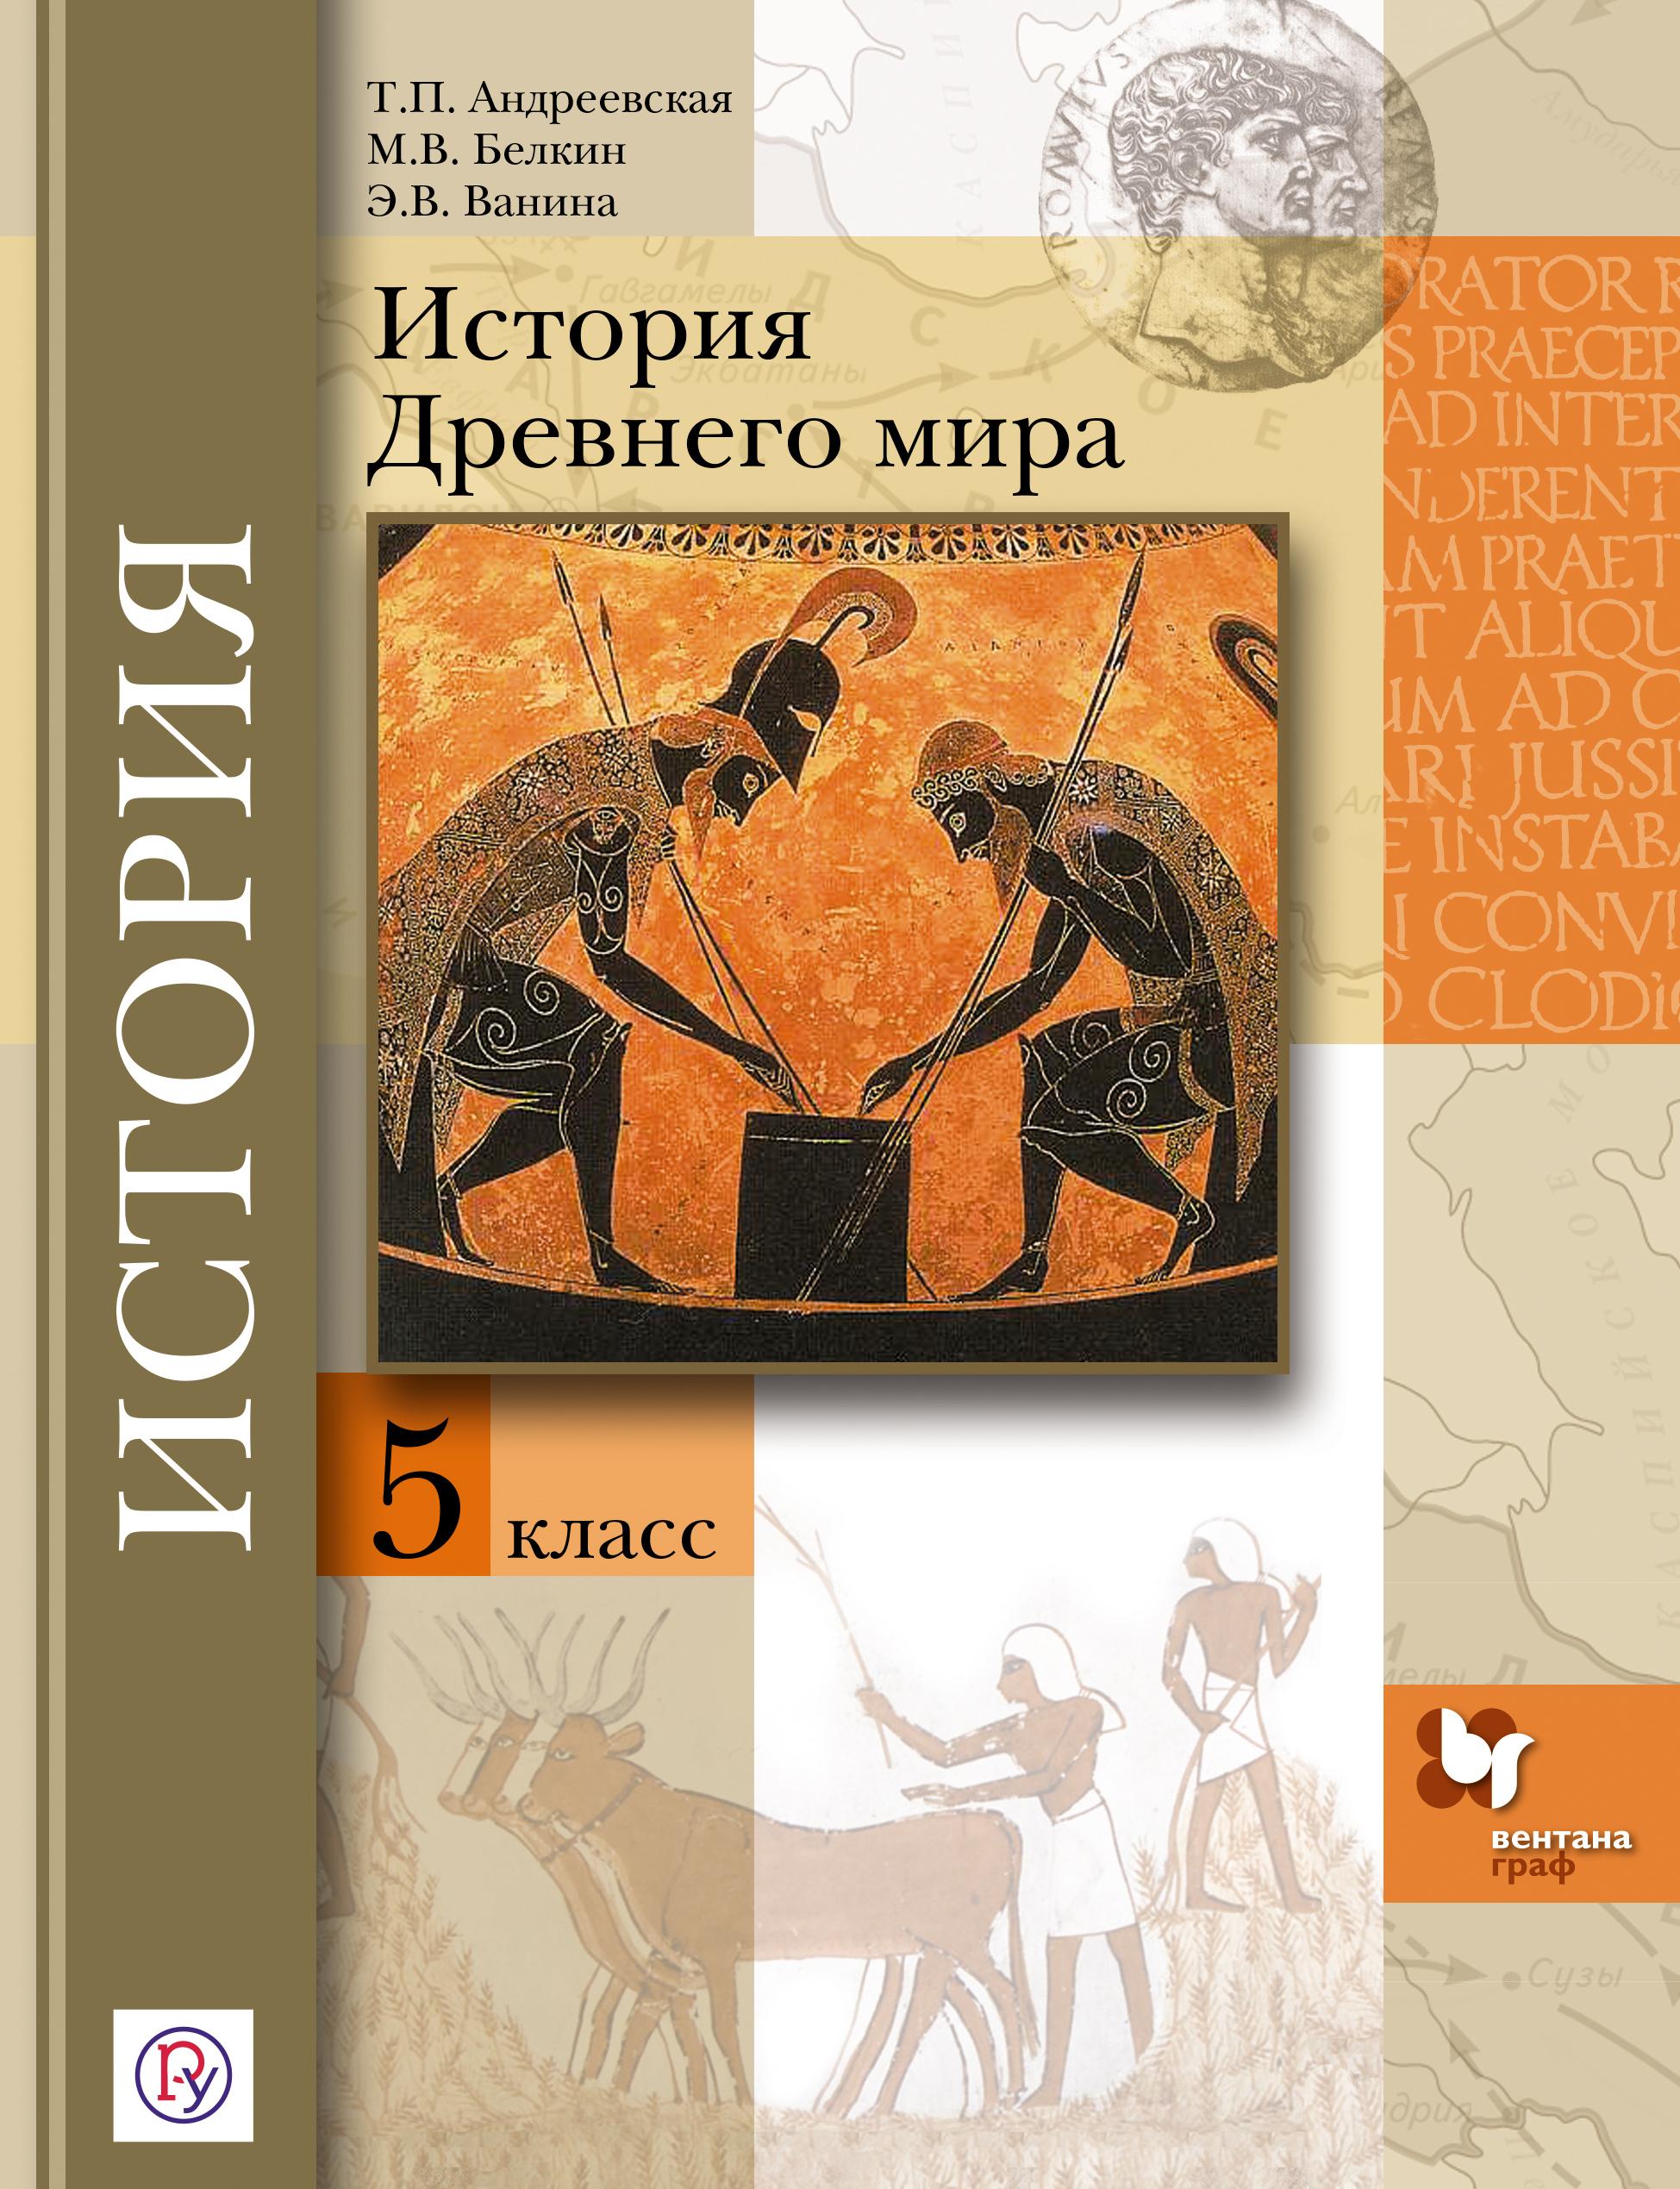 История Древнего мира. 5класс. Учебник. ( Андреевская Т.П., Белкин М.В., Ванина Э.В.  )